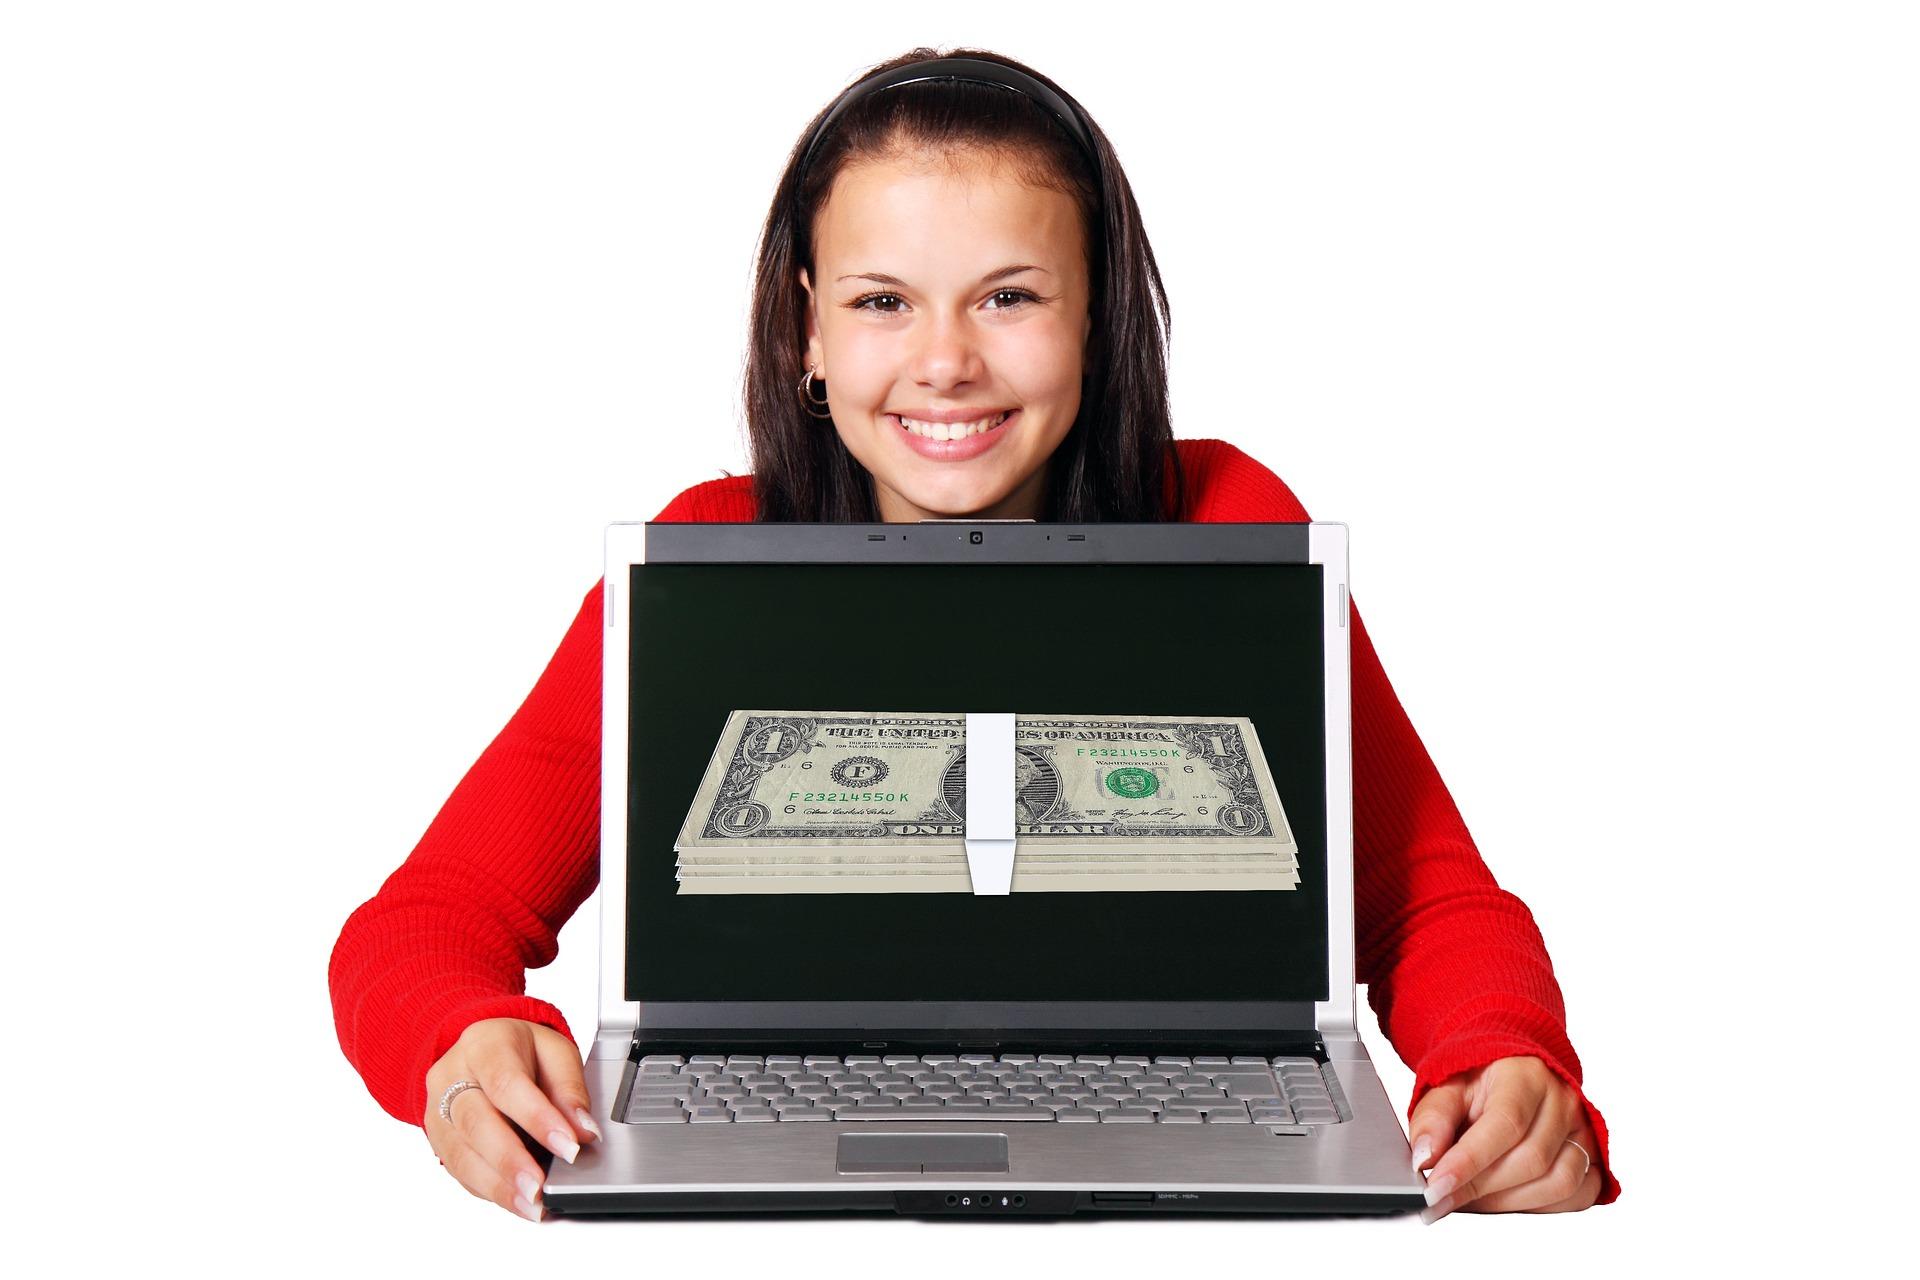 5 רעיונות להרוויח כסף בקלות מהבית